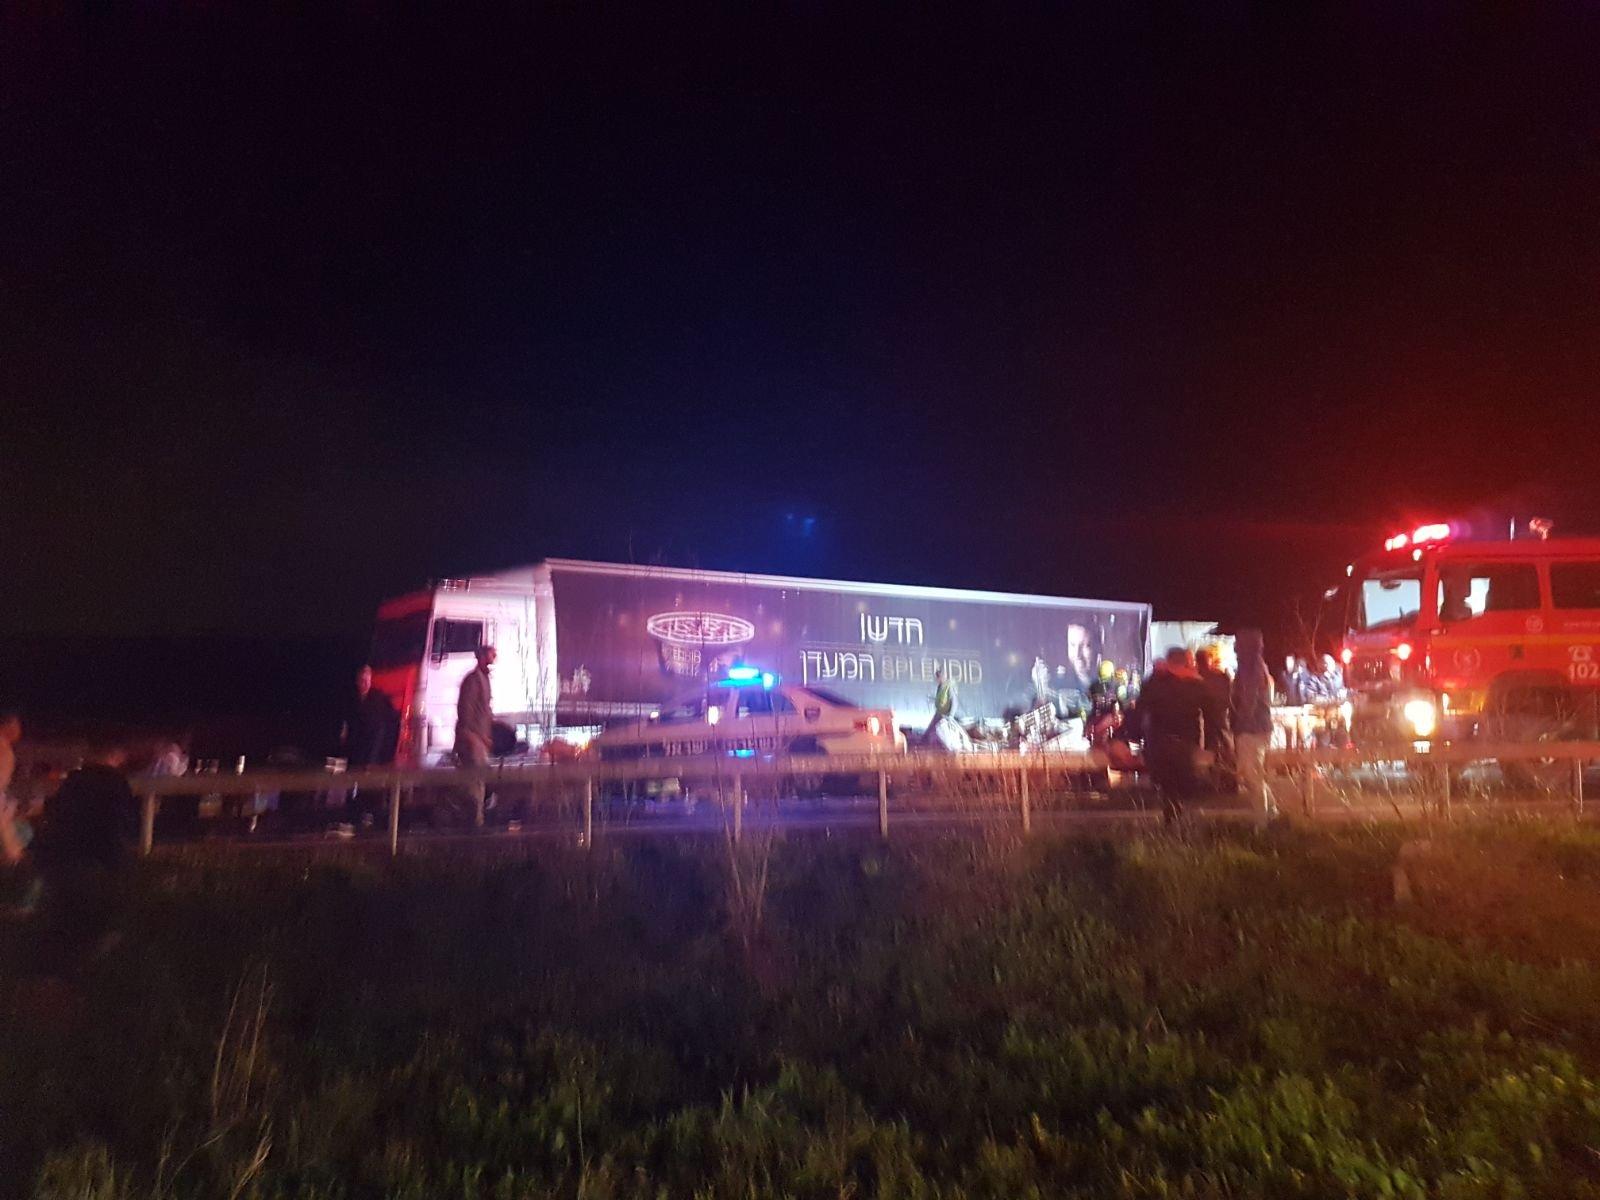 حادث طرق مروع بين شاحنتين على شارع 6 قرب عين توت وإصابة خطيرة لسائق